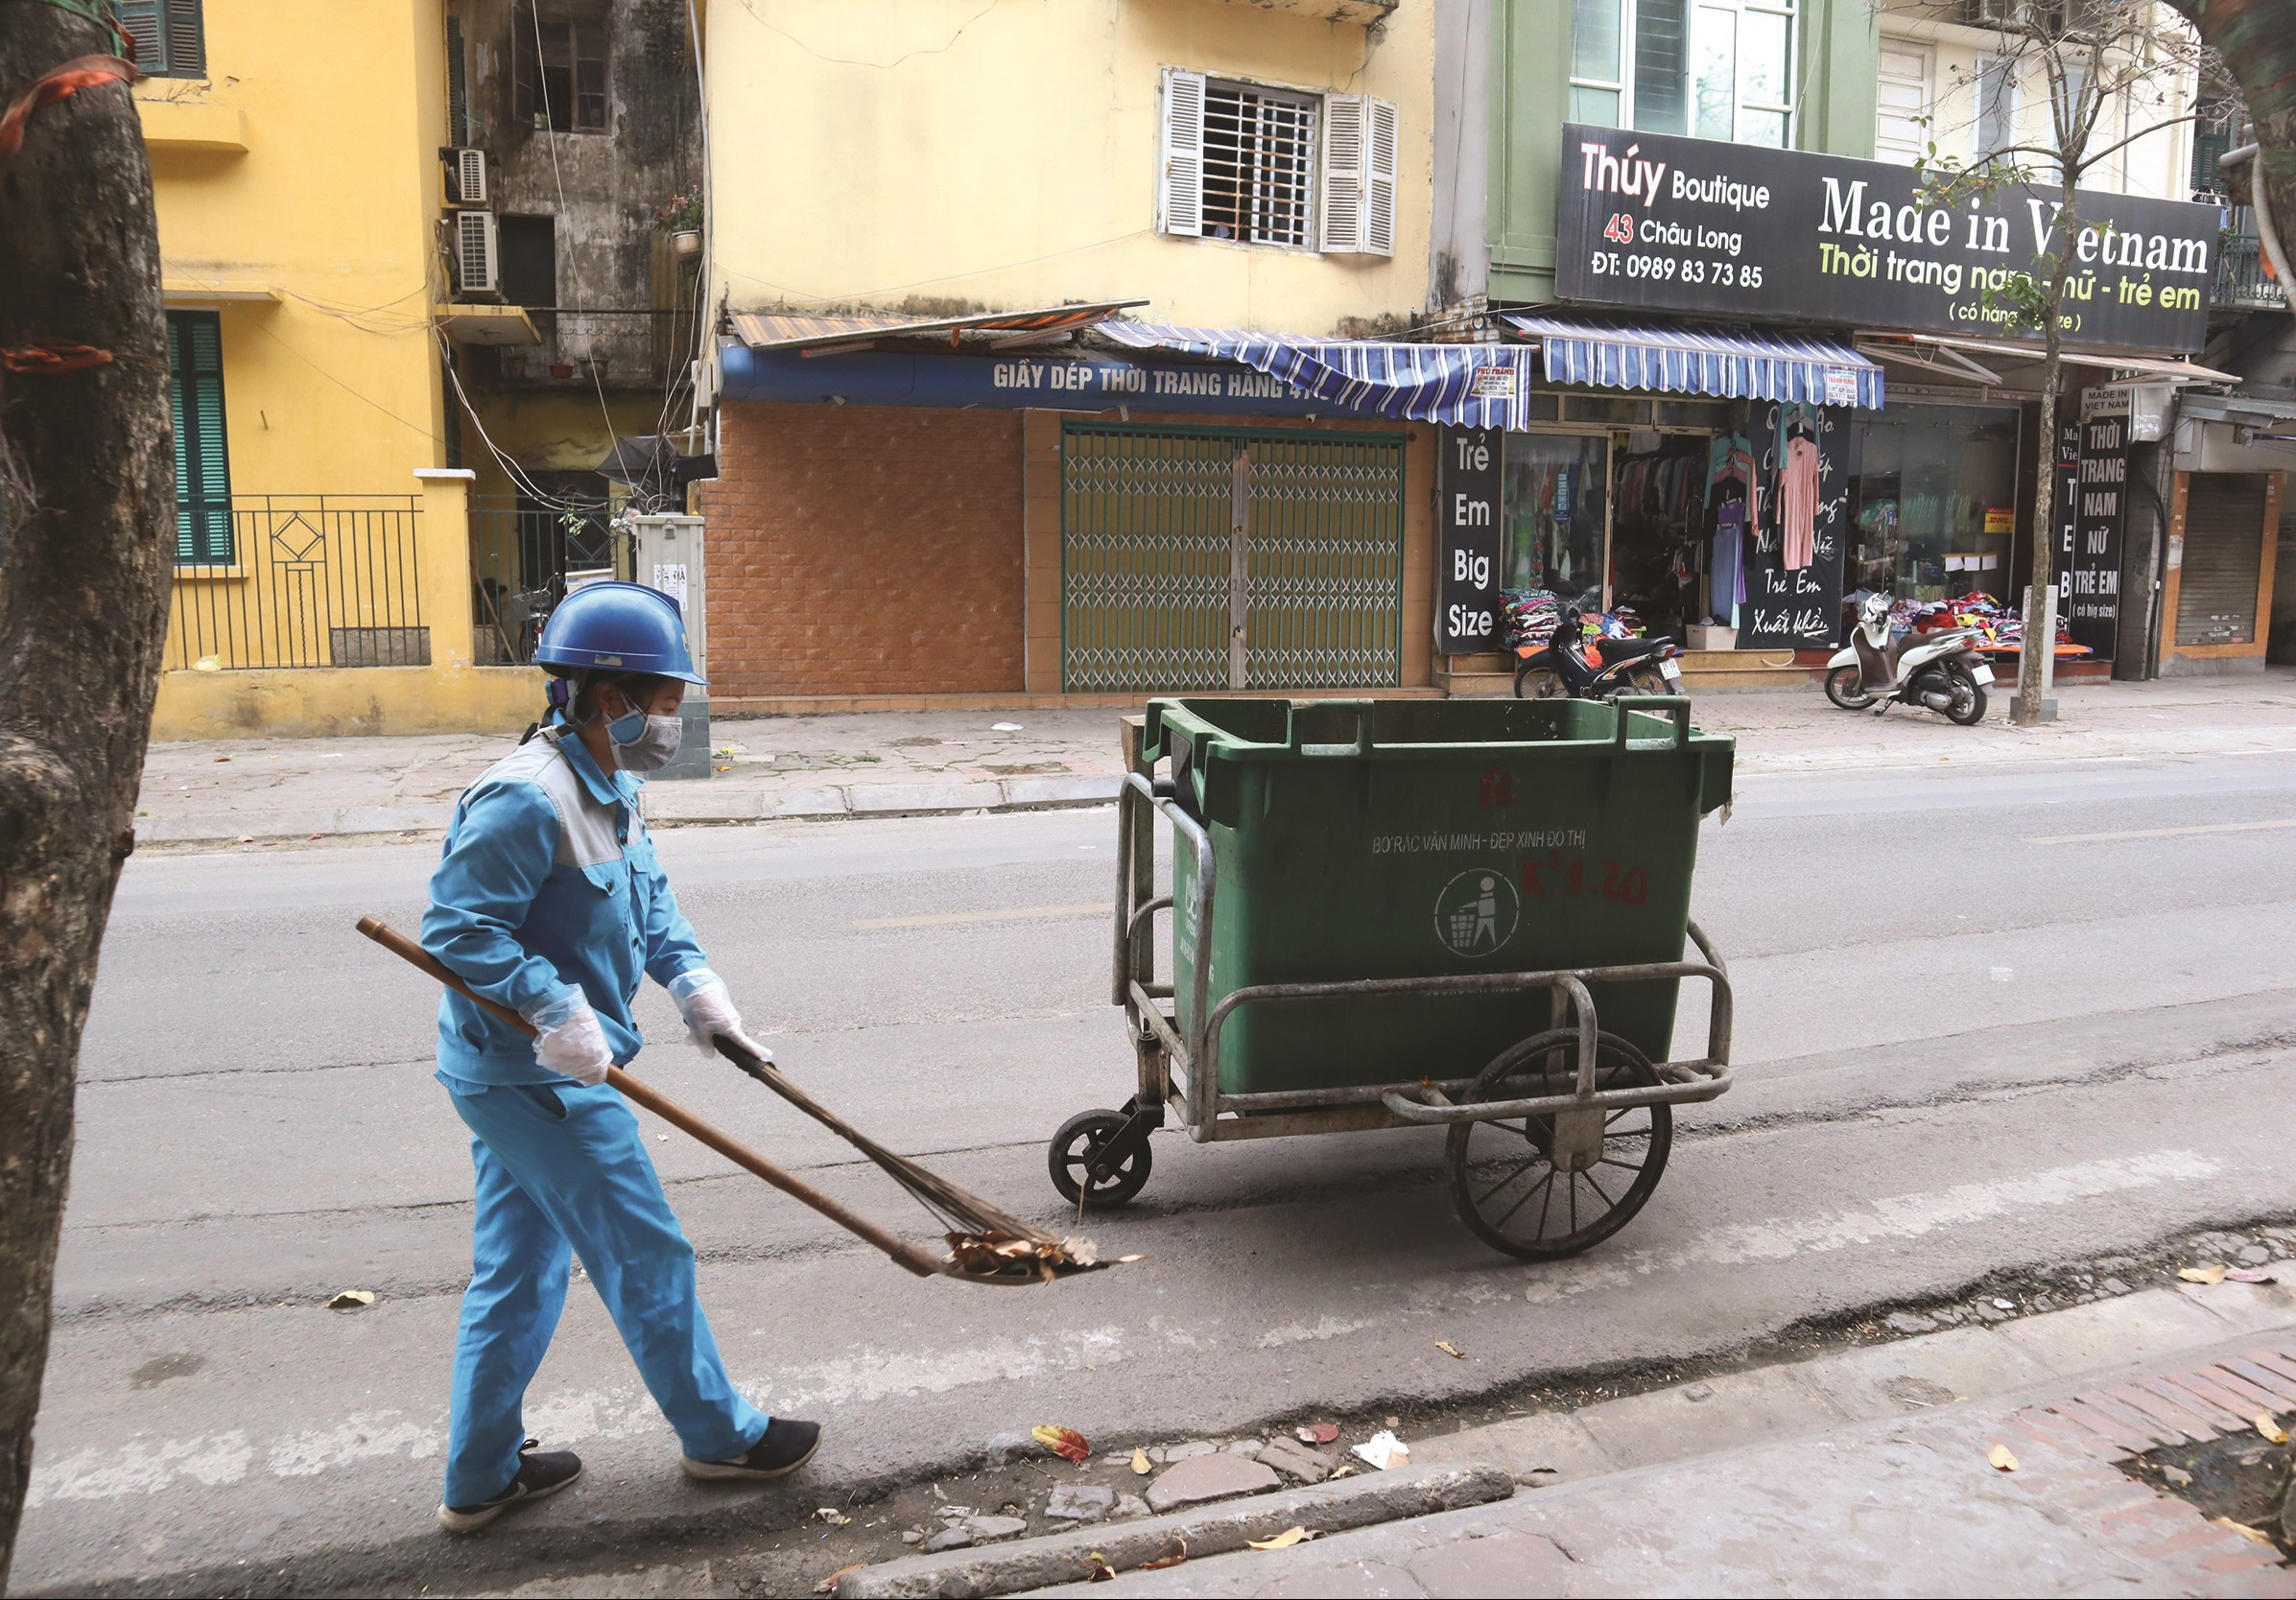 Công nhân vệ sinh thu gom rác thải trên phố Châu Long những ngày dịch Covid- 19 đang diễn biến phức tạp tại Hà Nội